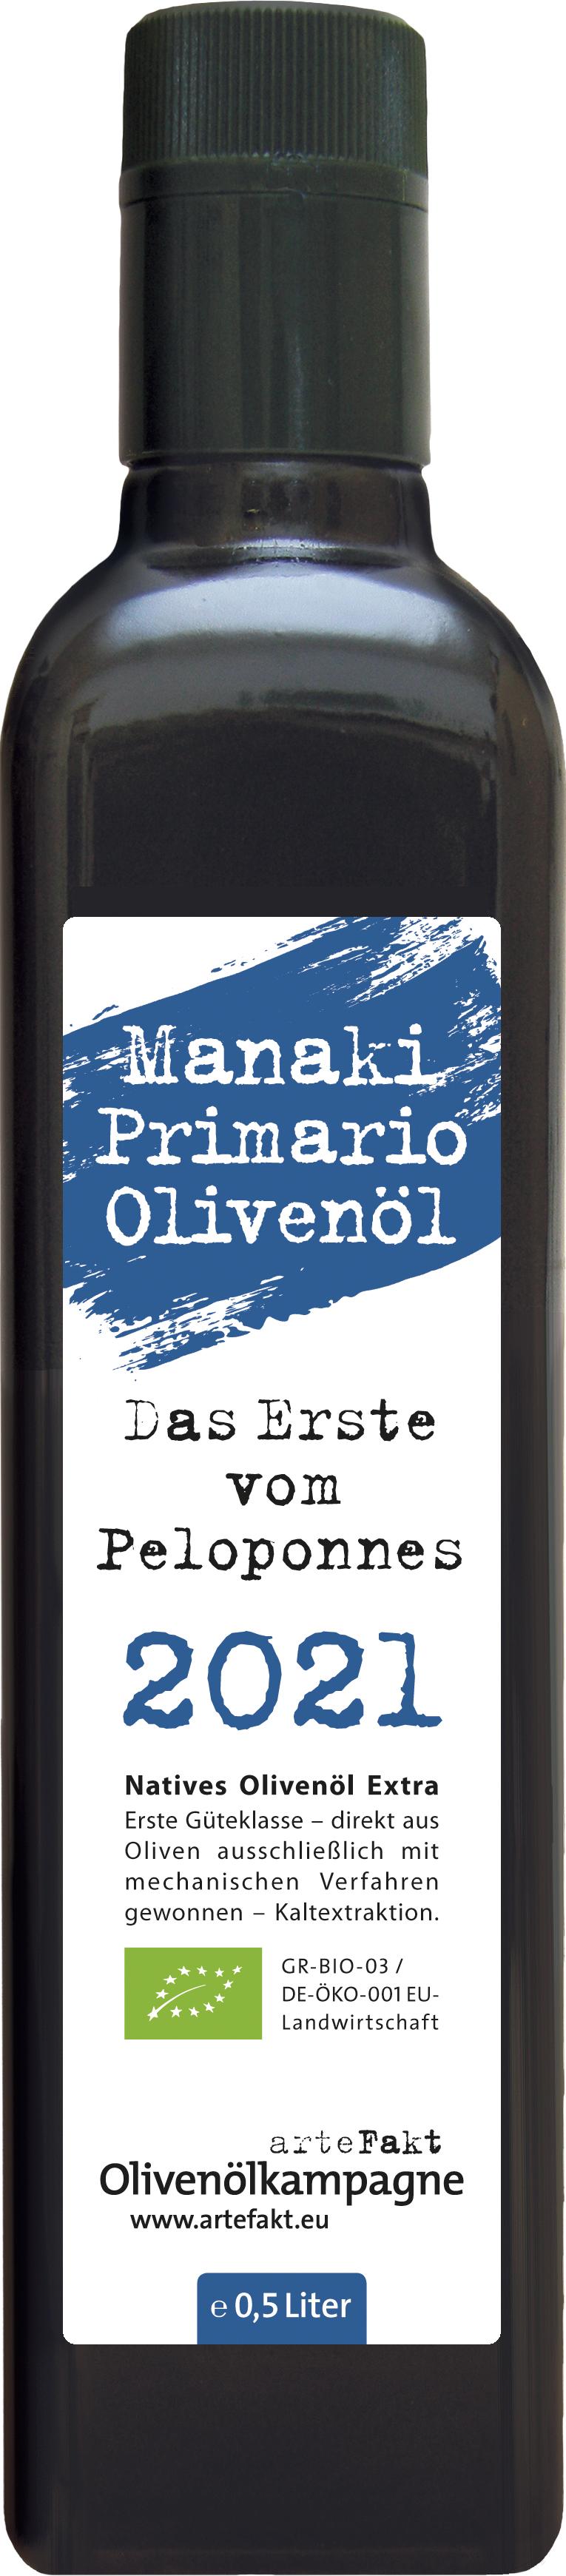 Bio Primario Olivenöl  - Ernteherbst 2021